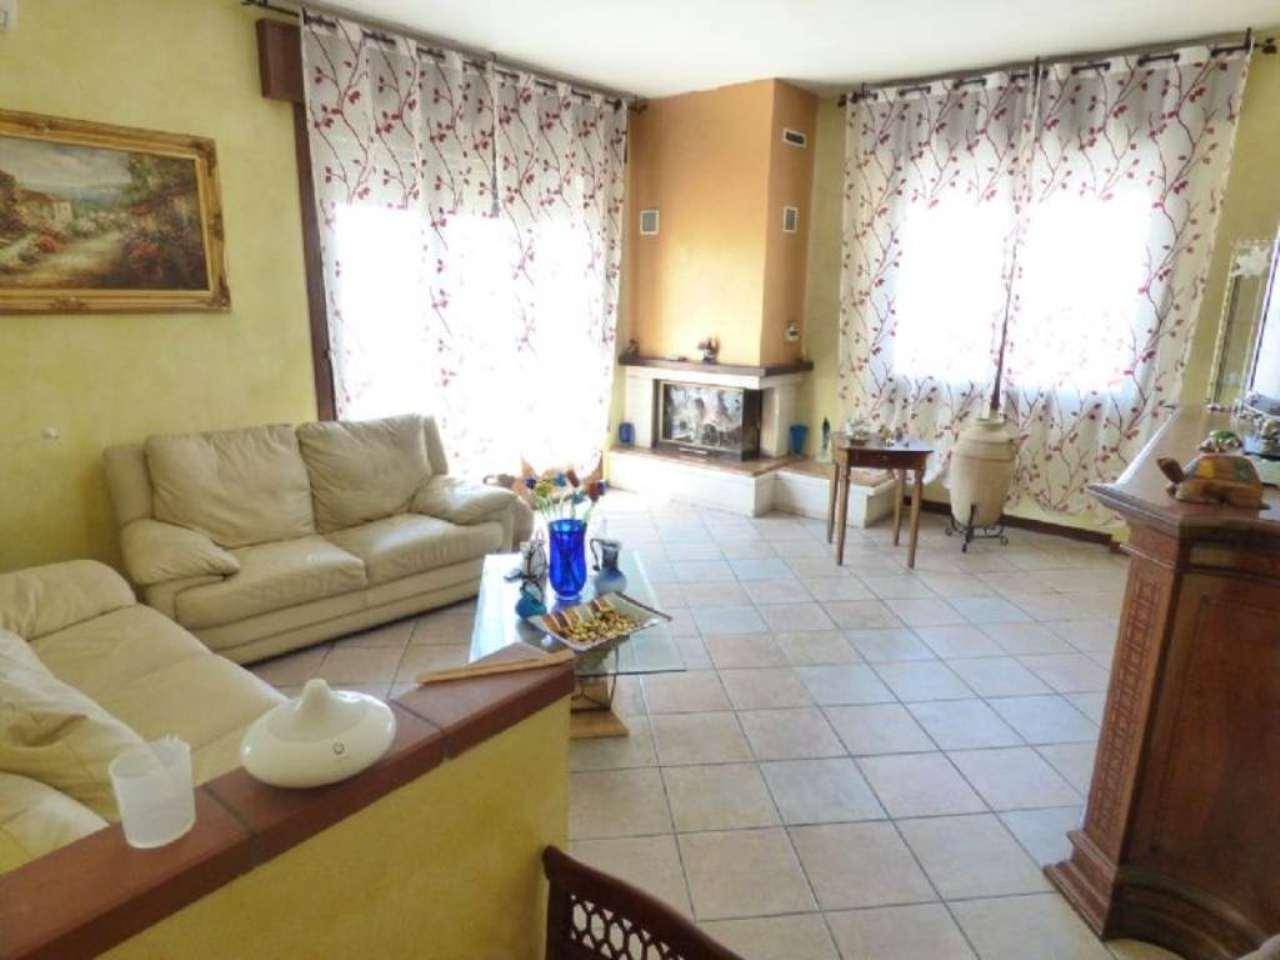 Soluzione Indipendente in vendita a Rubano, 5 locali, prezzo € 320.000 | CambioCasa.it